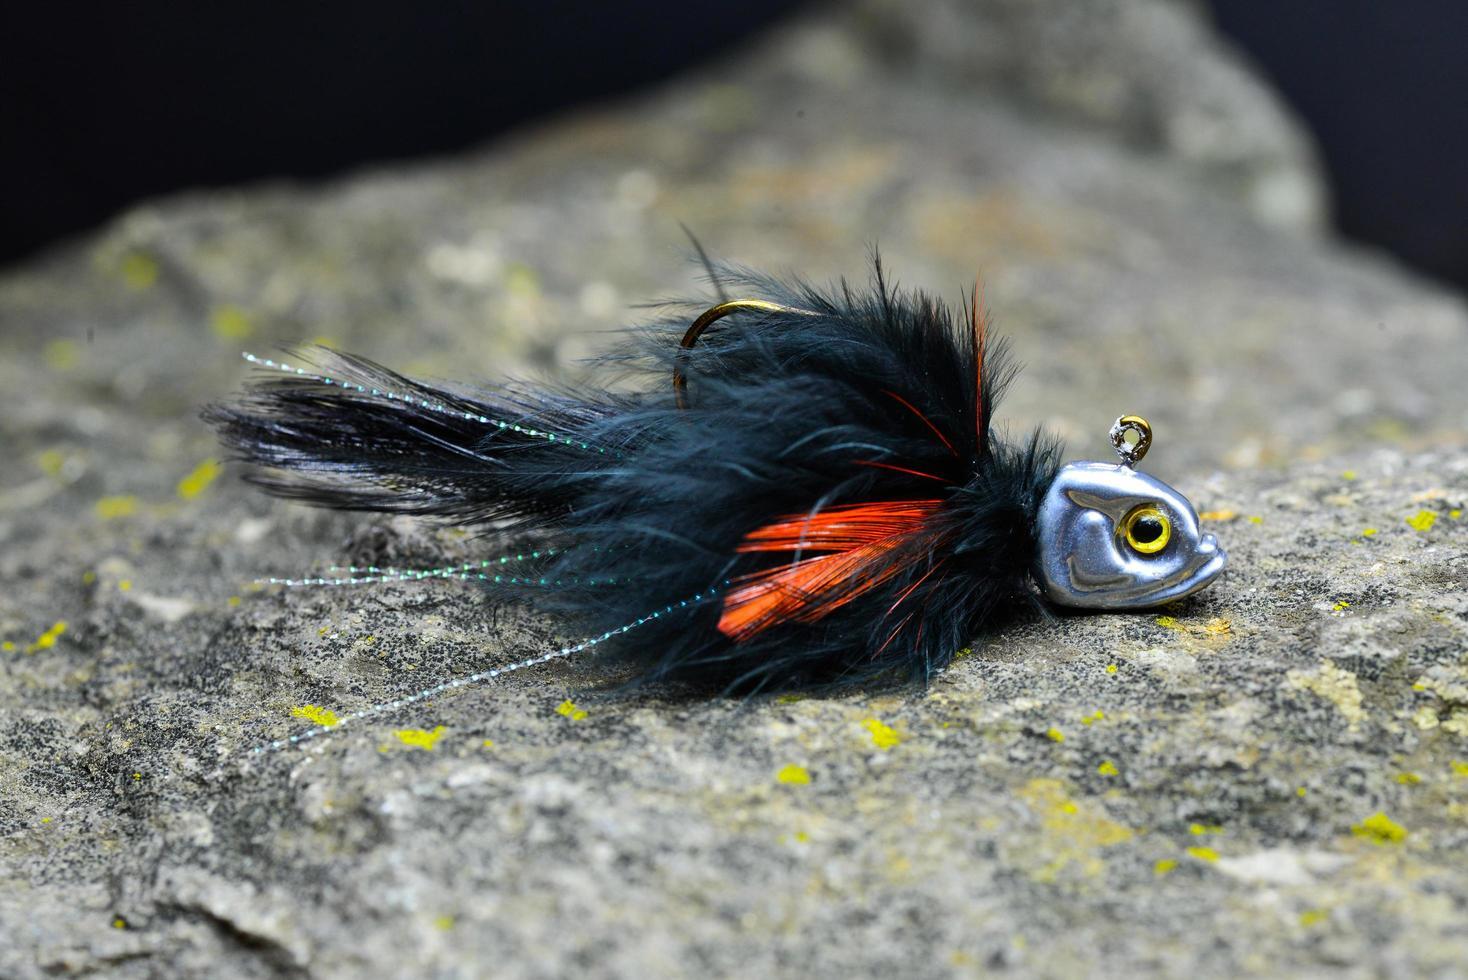 zwart-oranje jig-streamer gemaakt van veren foto